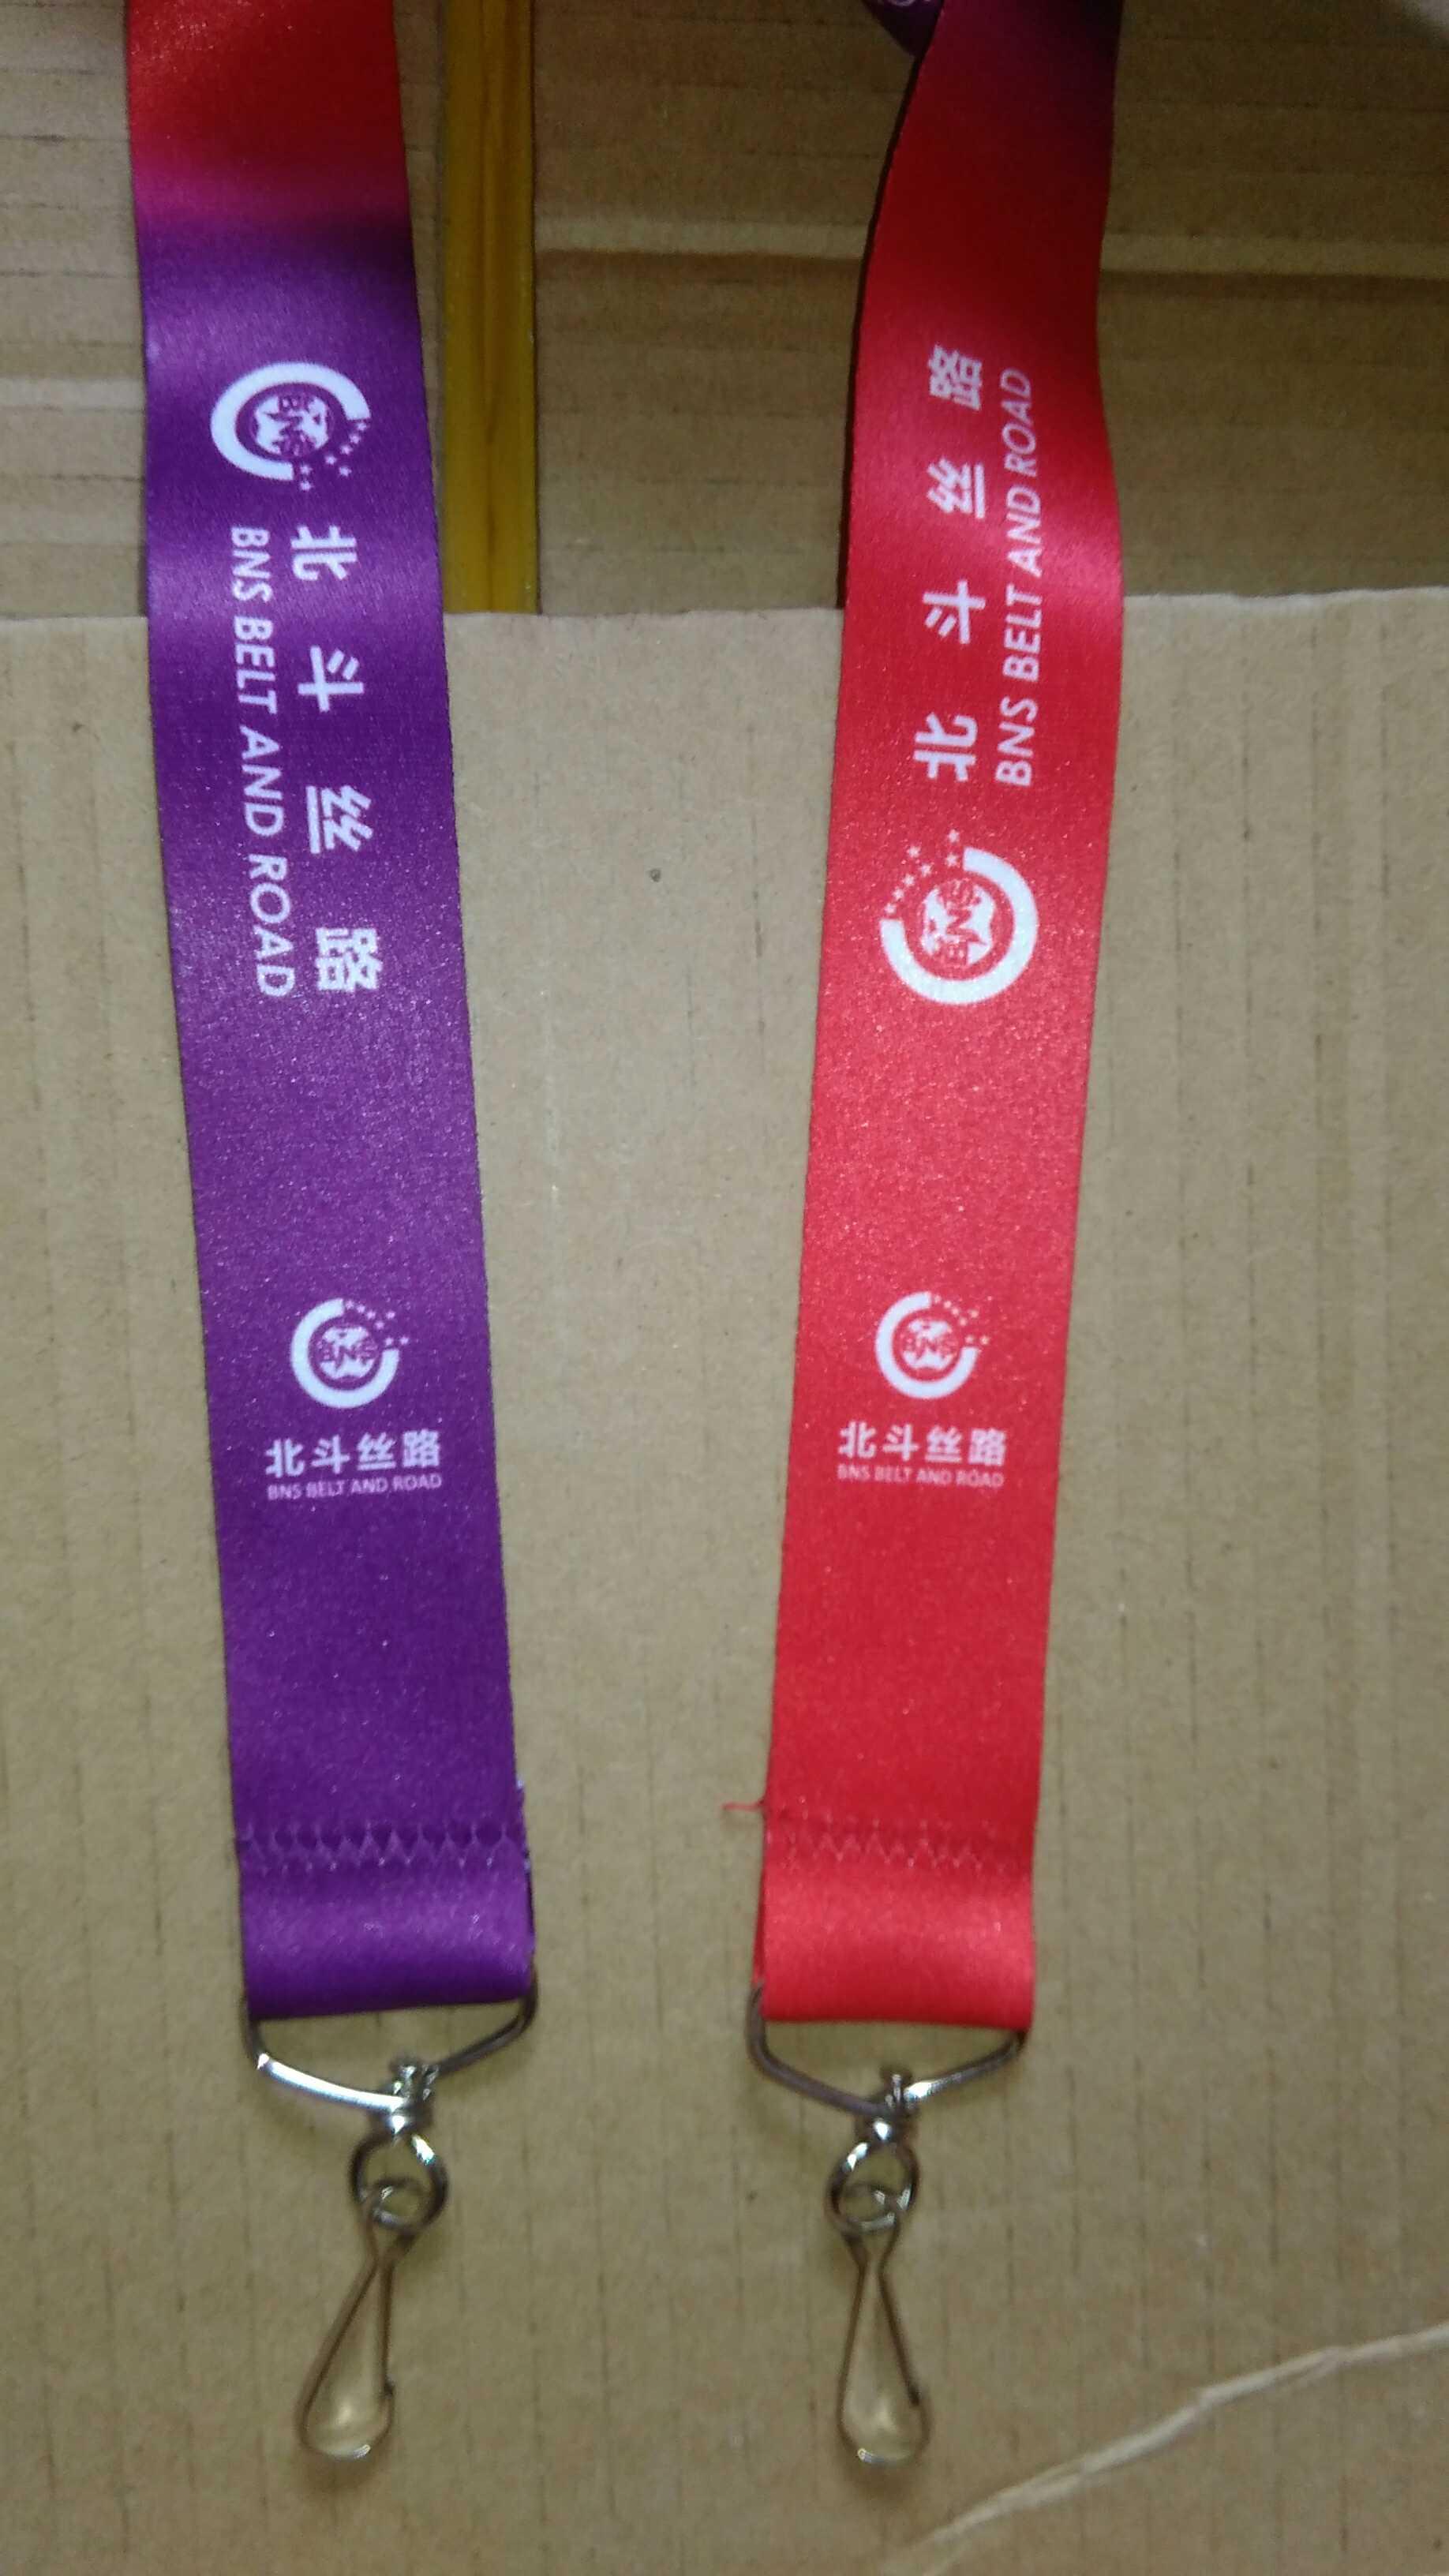 沈阳本地胸卡绳工作证挂绳定制1厘米1.5  2.0厘米3厘米宽